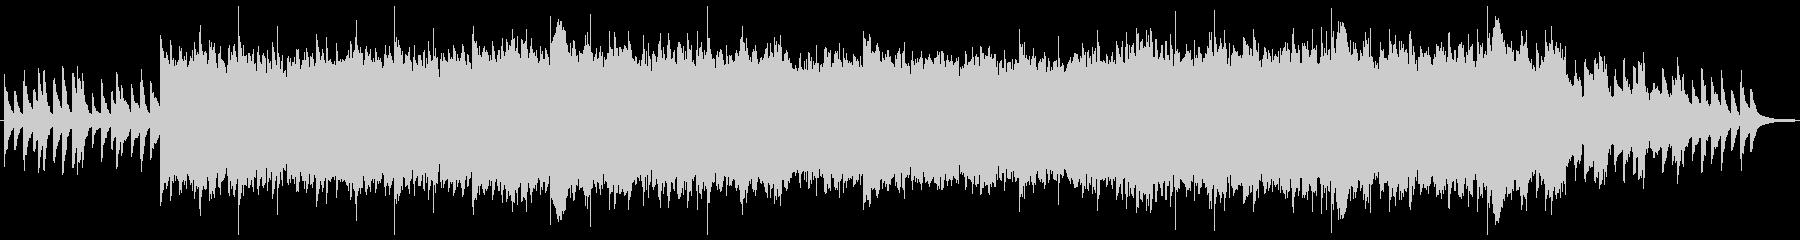 04 BEAUTIFUL PIANOの未再生の波形